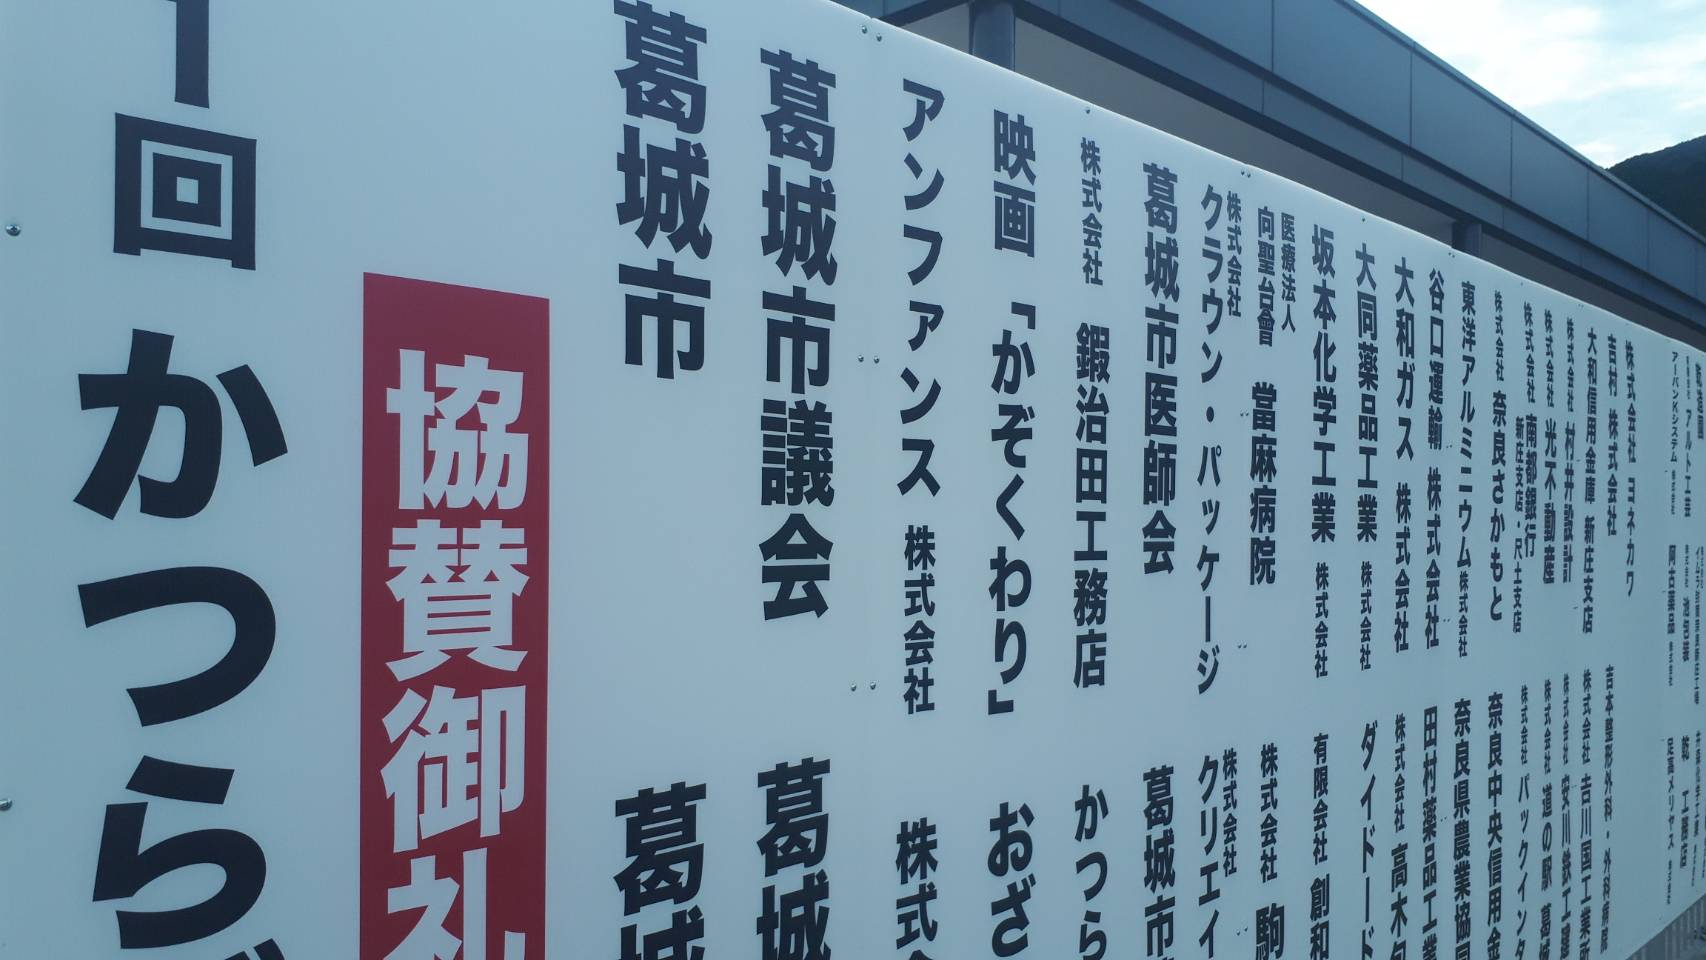 第1回かつらぎ花火大会・前日準備@道の駅かつらぎ